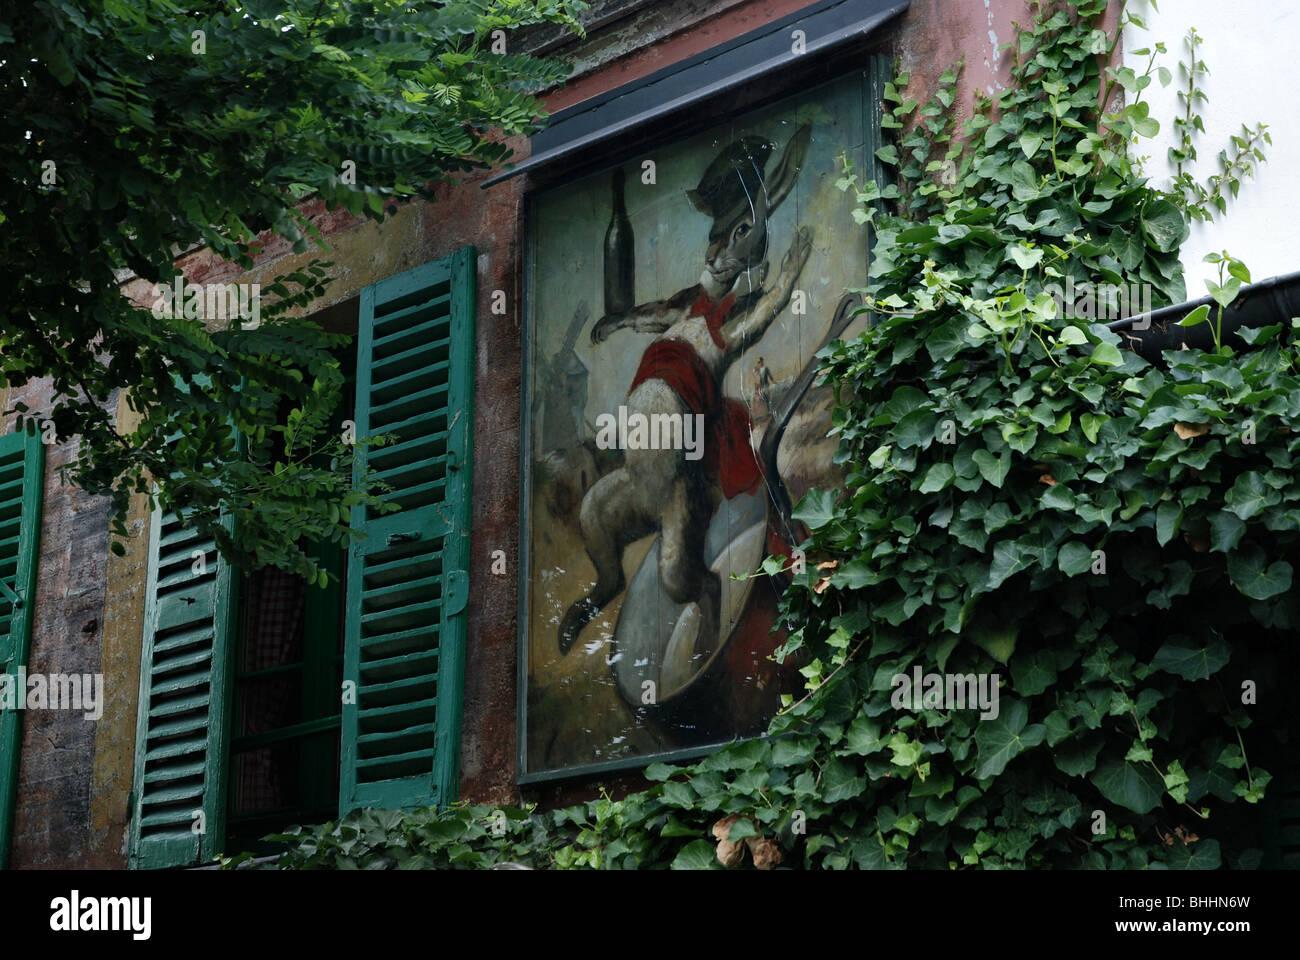 La pittura di un coniglio (lapin in francese) sulla parete di 'au Lapin Agile' Cabaret a Montmartre, Parigi Immagini Stock